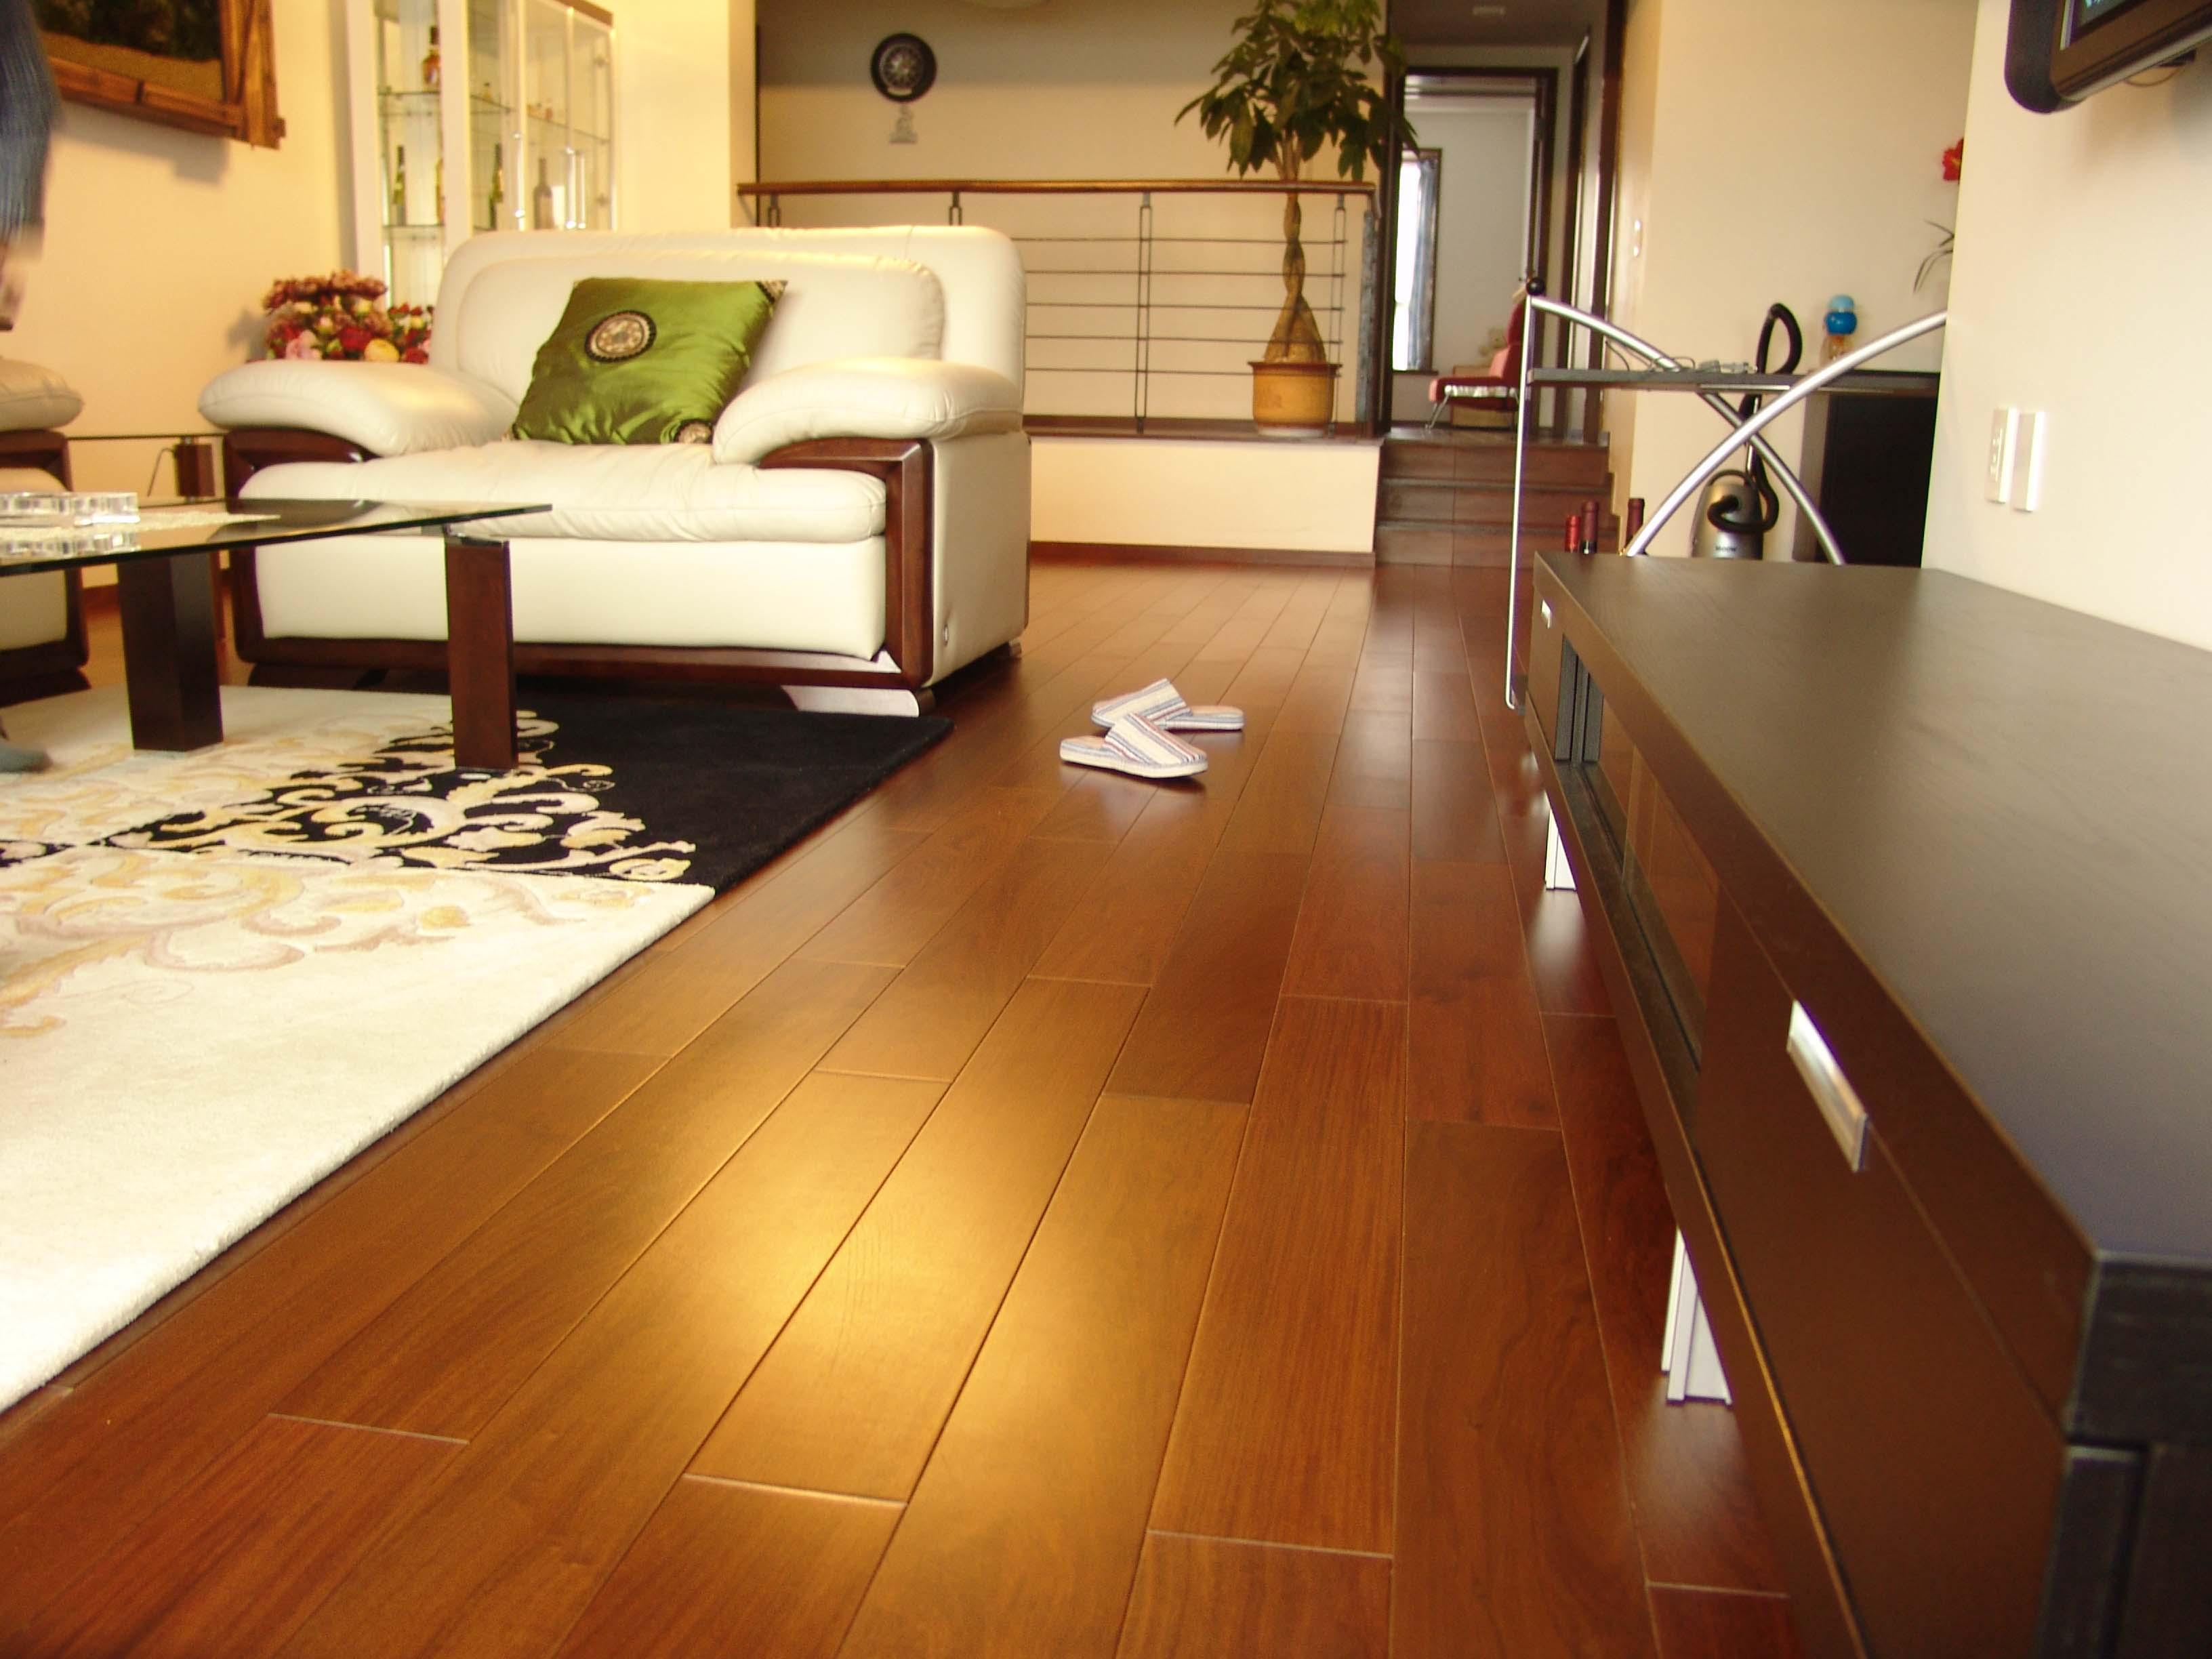 1、保持实木复合地板干燥、清洁,不允许用滴水的拖把拖地板或用碱水、肥皂水擦地,以免破坏油漆表面的光泽;若家中空气干燥,拖布可湿一些或在暖气上放一盆水或用加湿器增湿。实木复合地板尽量避免阳光暴晒,以免表面油漆长期在紫外线的照射下提前老化、开裂。